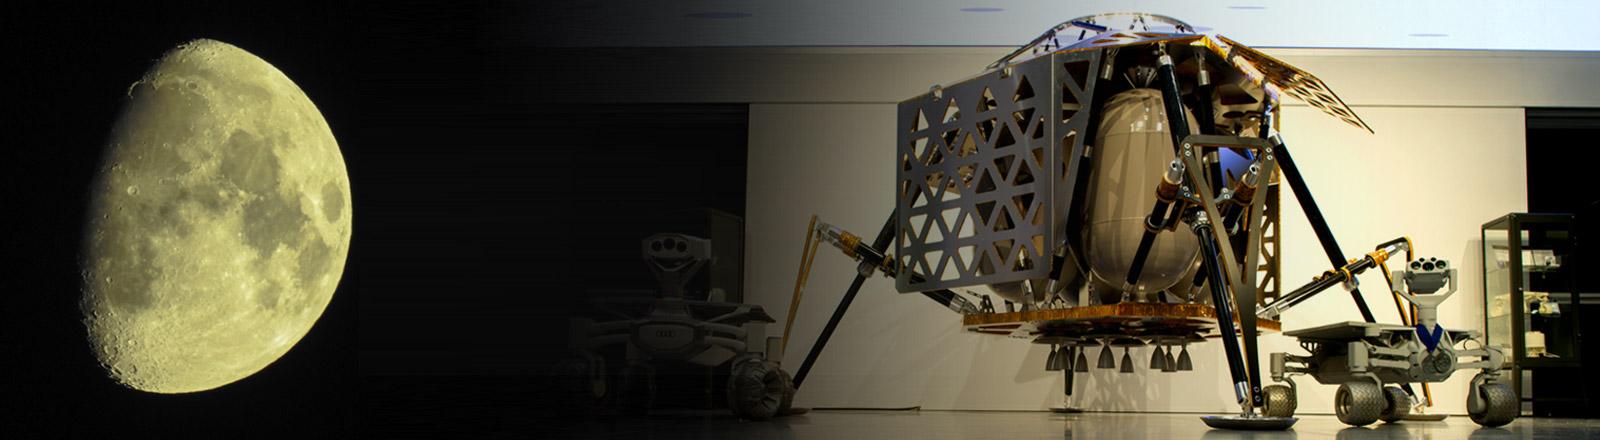 Der Mond und das Raumschiff Alina des Entwicklerteams Part Time Scientists